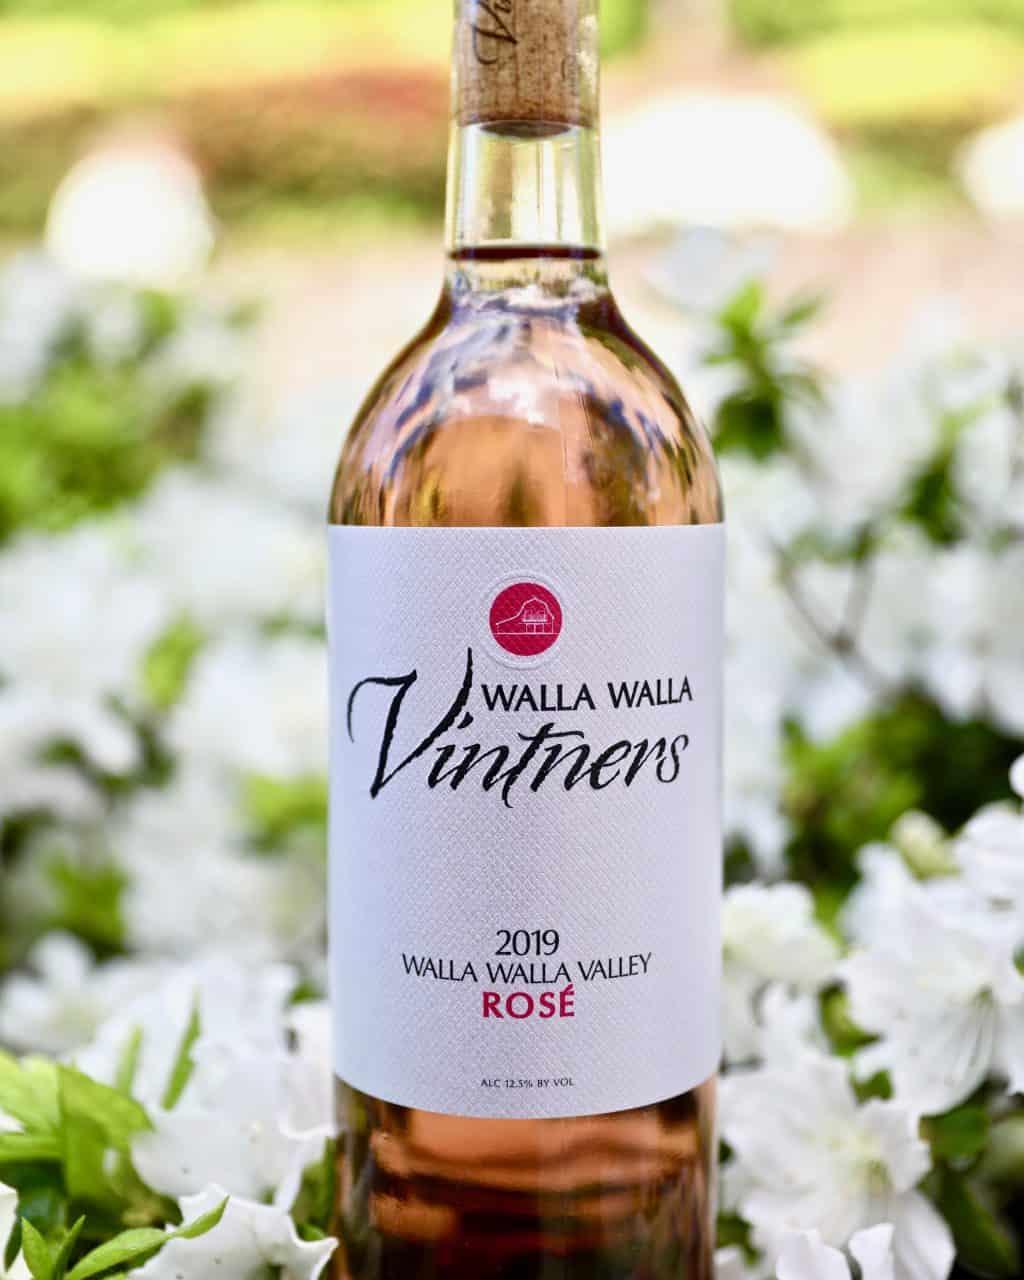 Walla Walla Vintner 2019 Rosé wine bottle